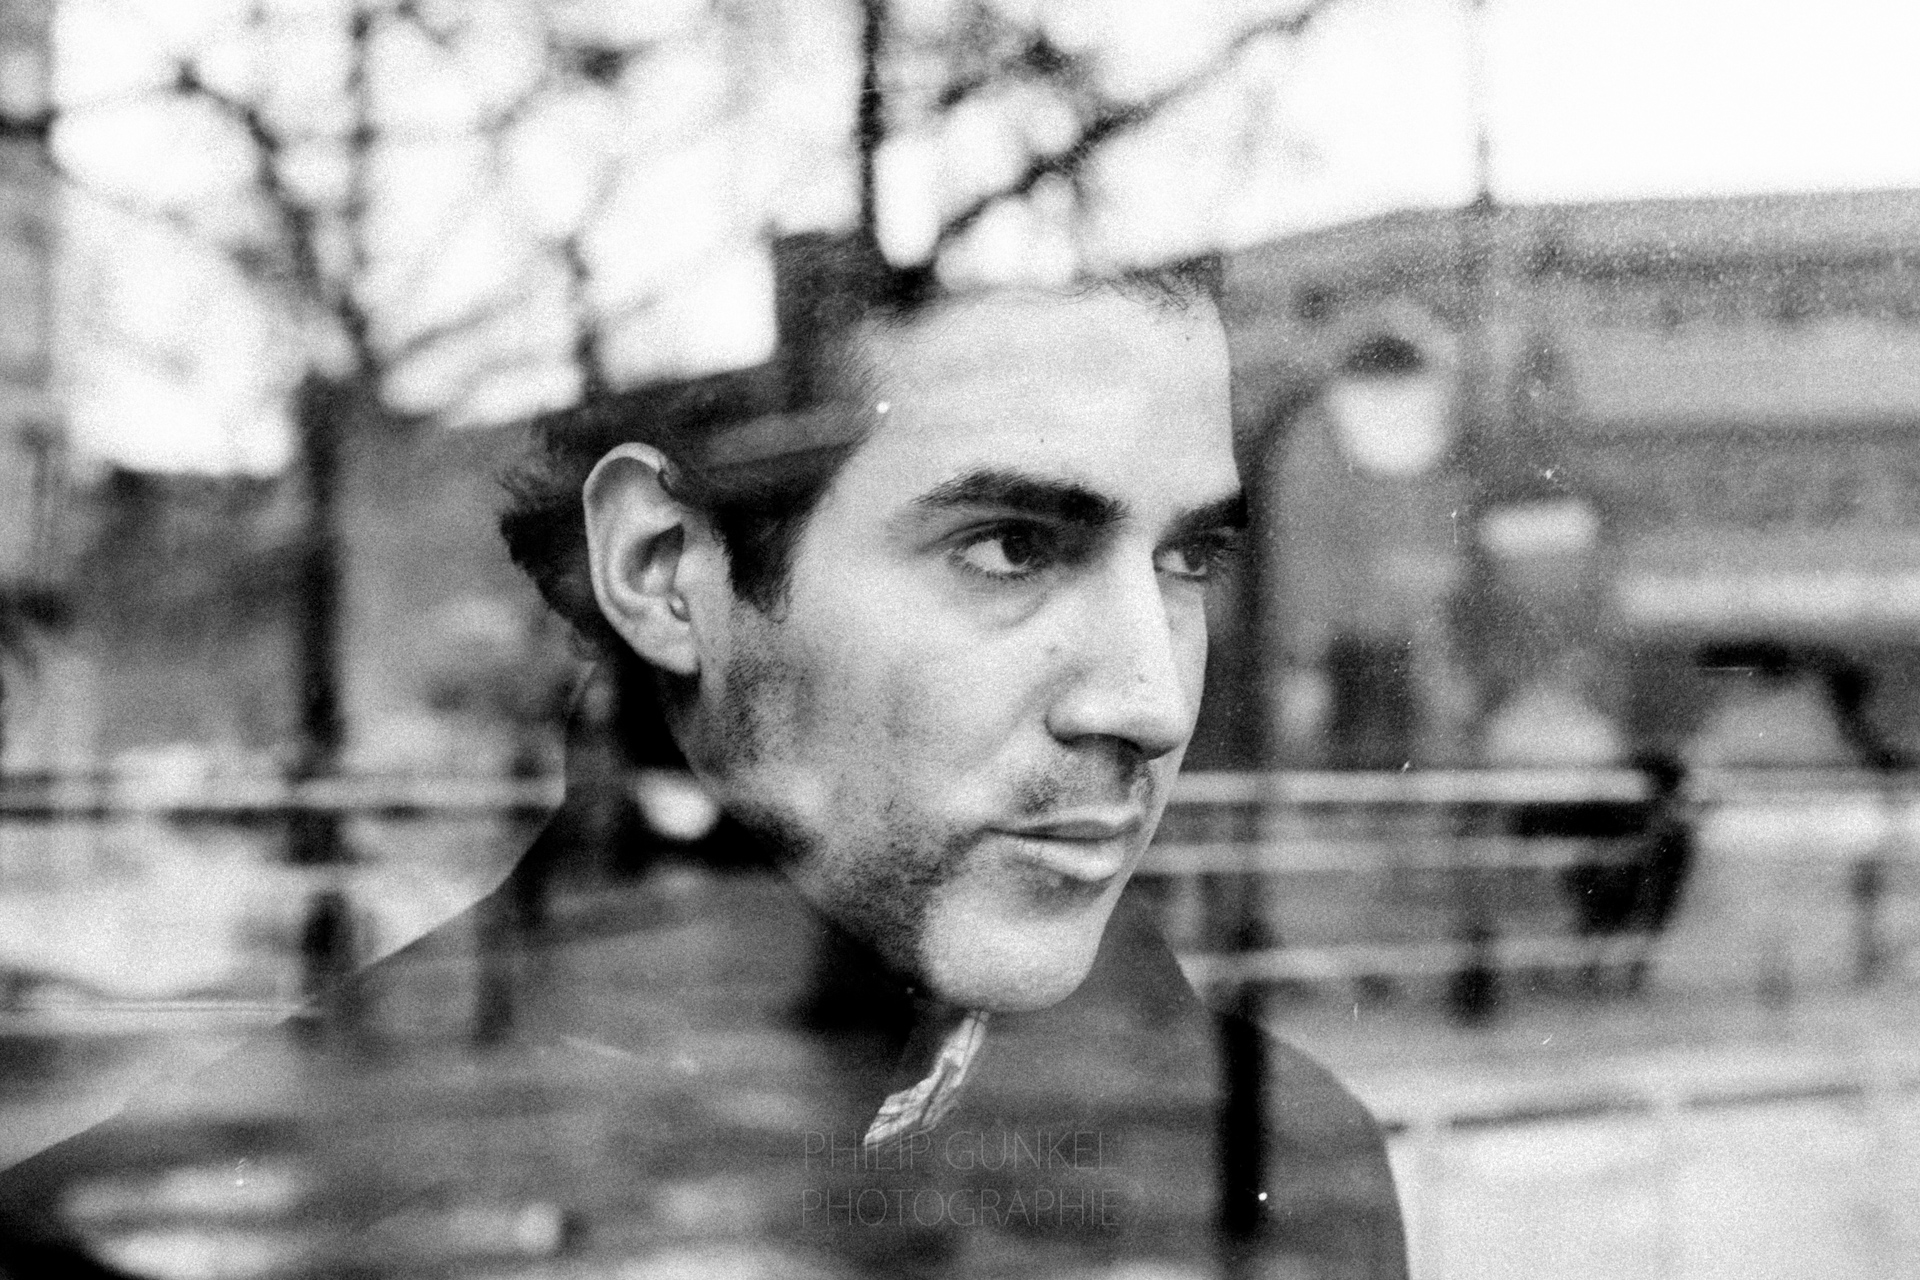 Portraits_Murat_Philip Gunkel (11 von 17)